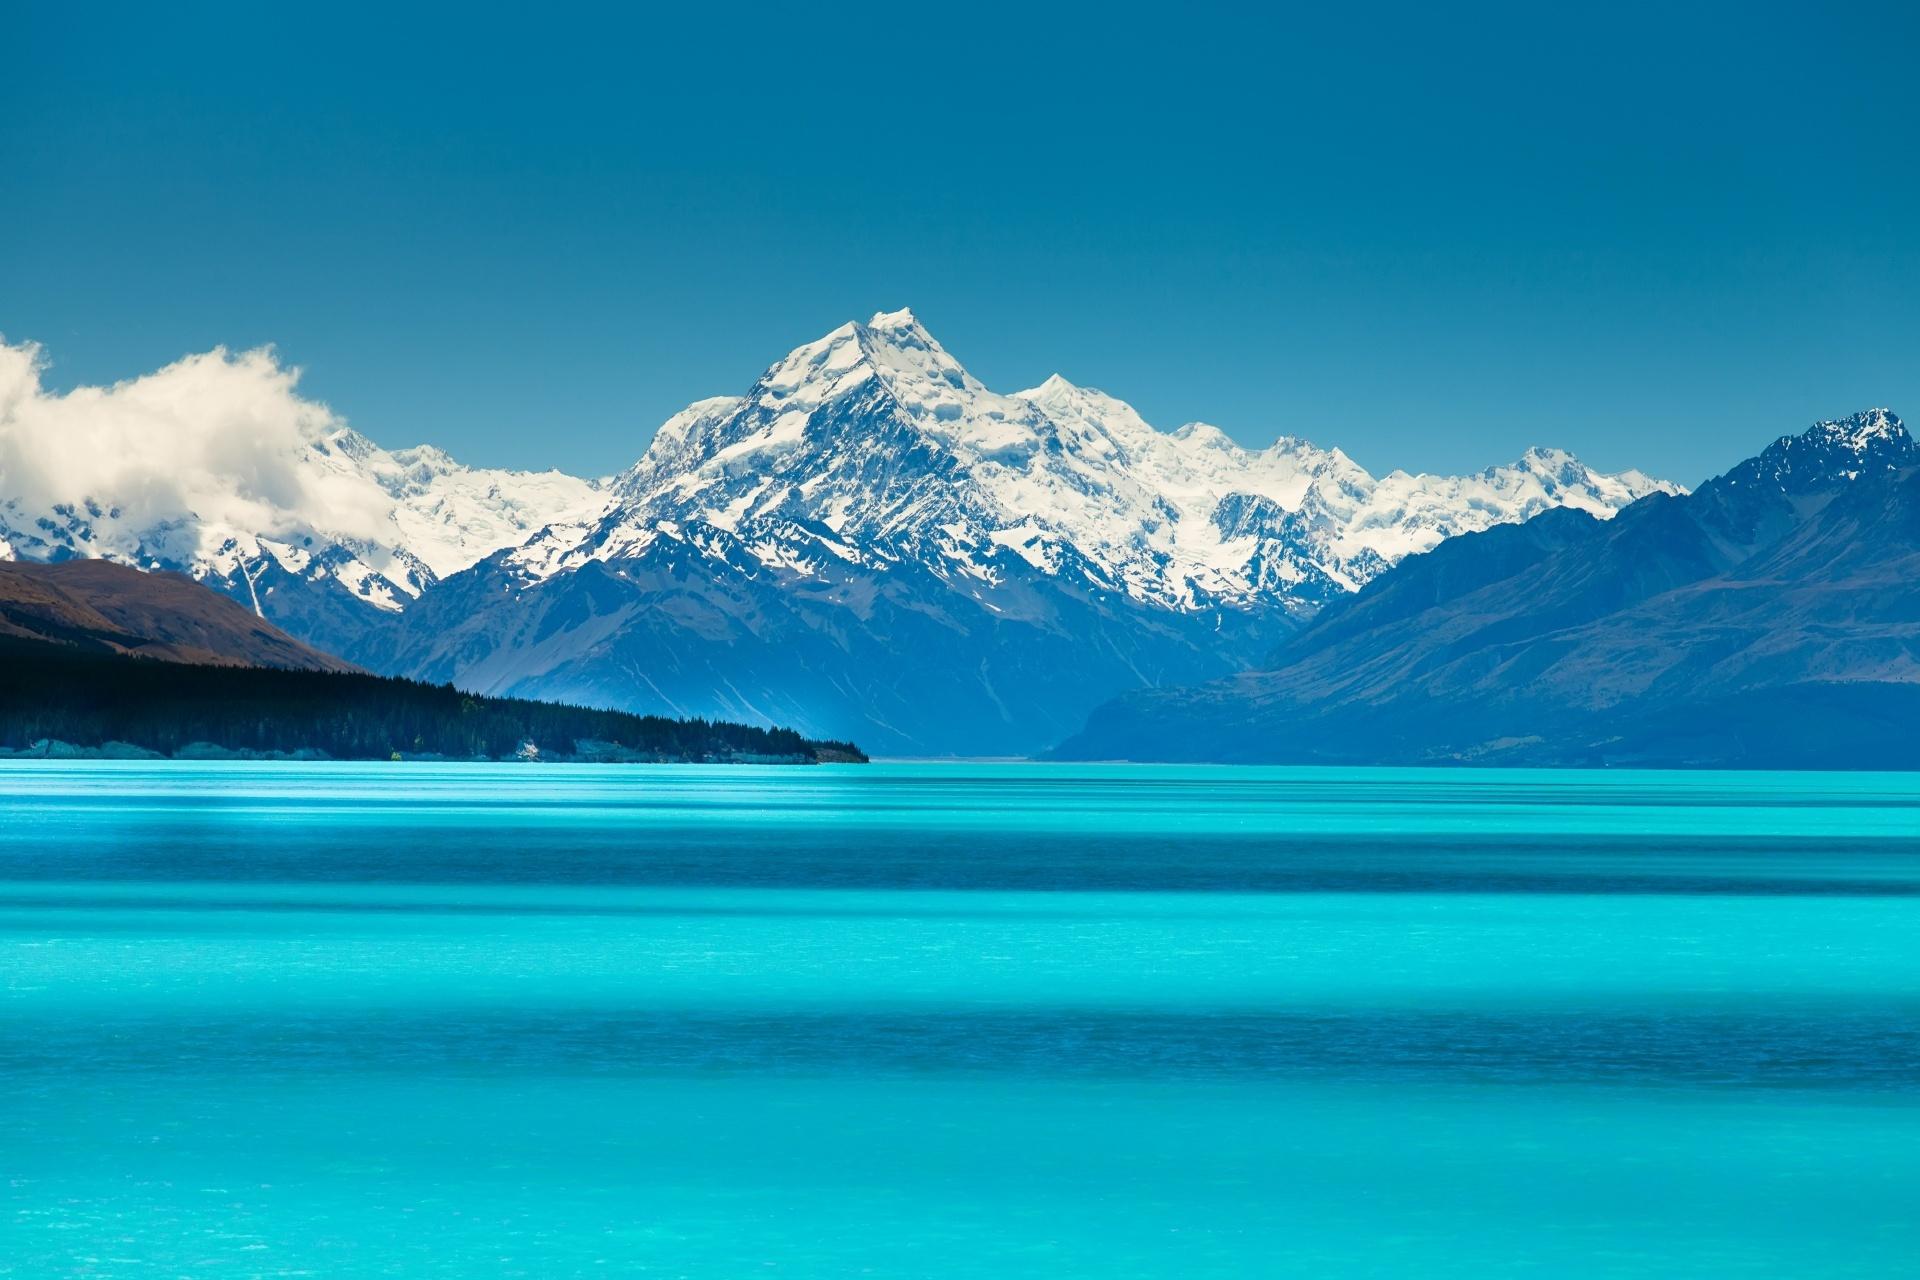 グレンタナー・パーク・センターから眺めるプカキ湖とマウント・クック ニュージーランドの風景